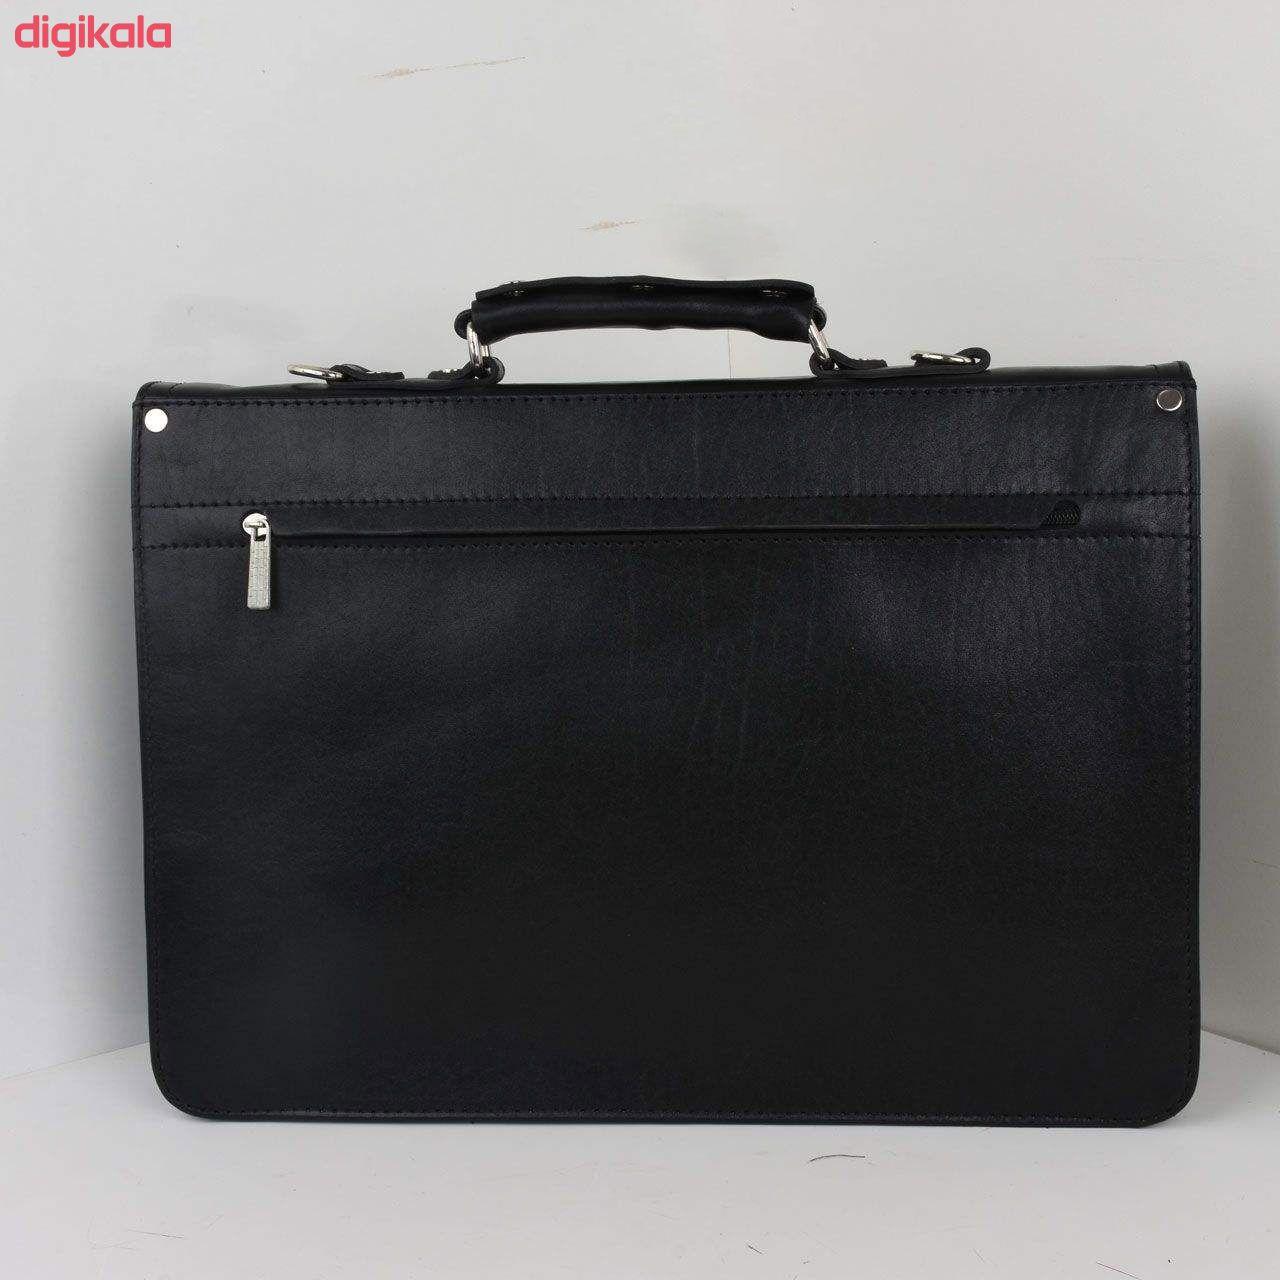 کیف اداری مردانه پارینه چرم مدل L73 main 1 5